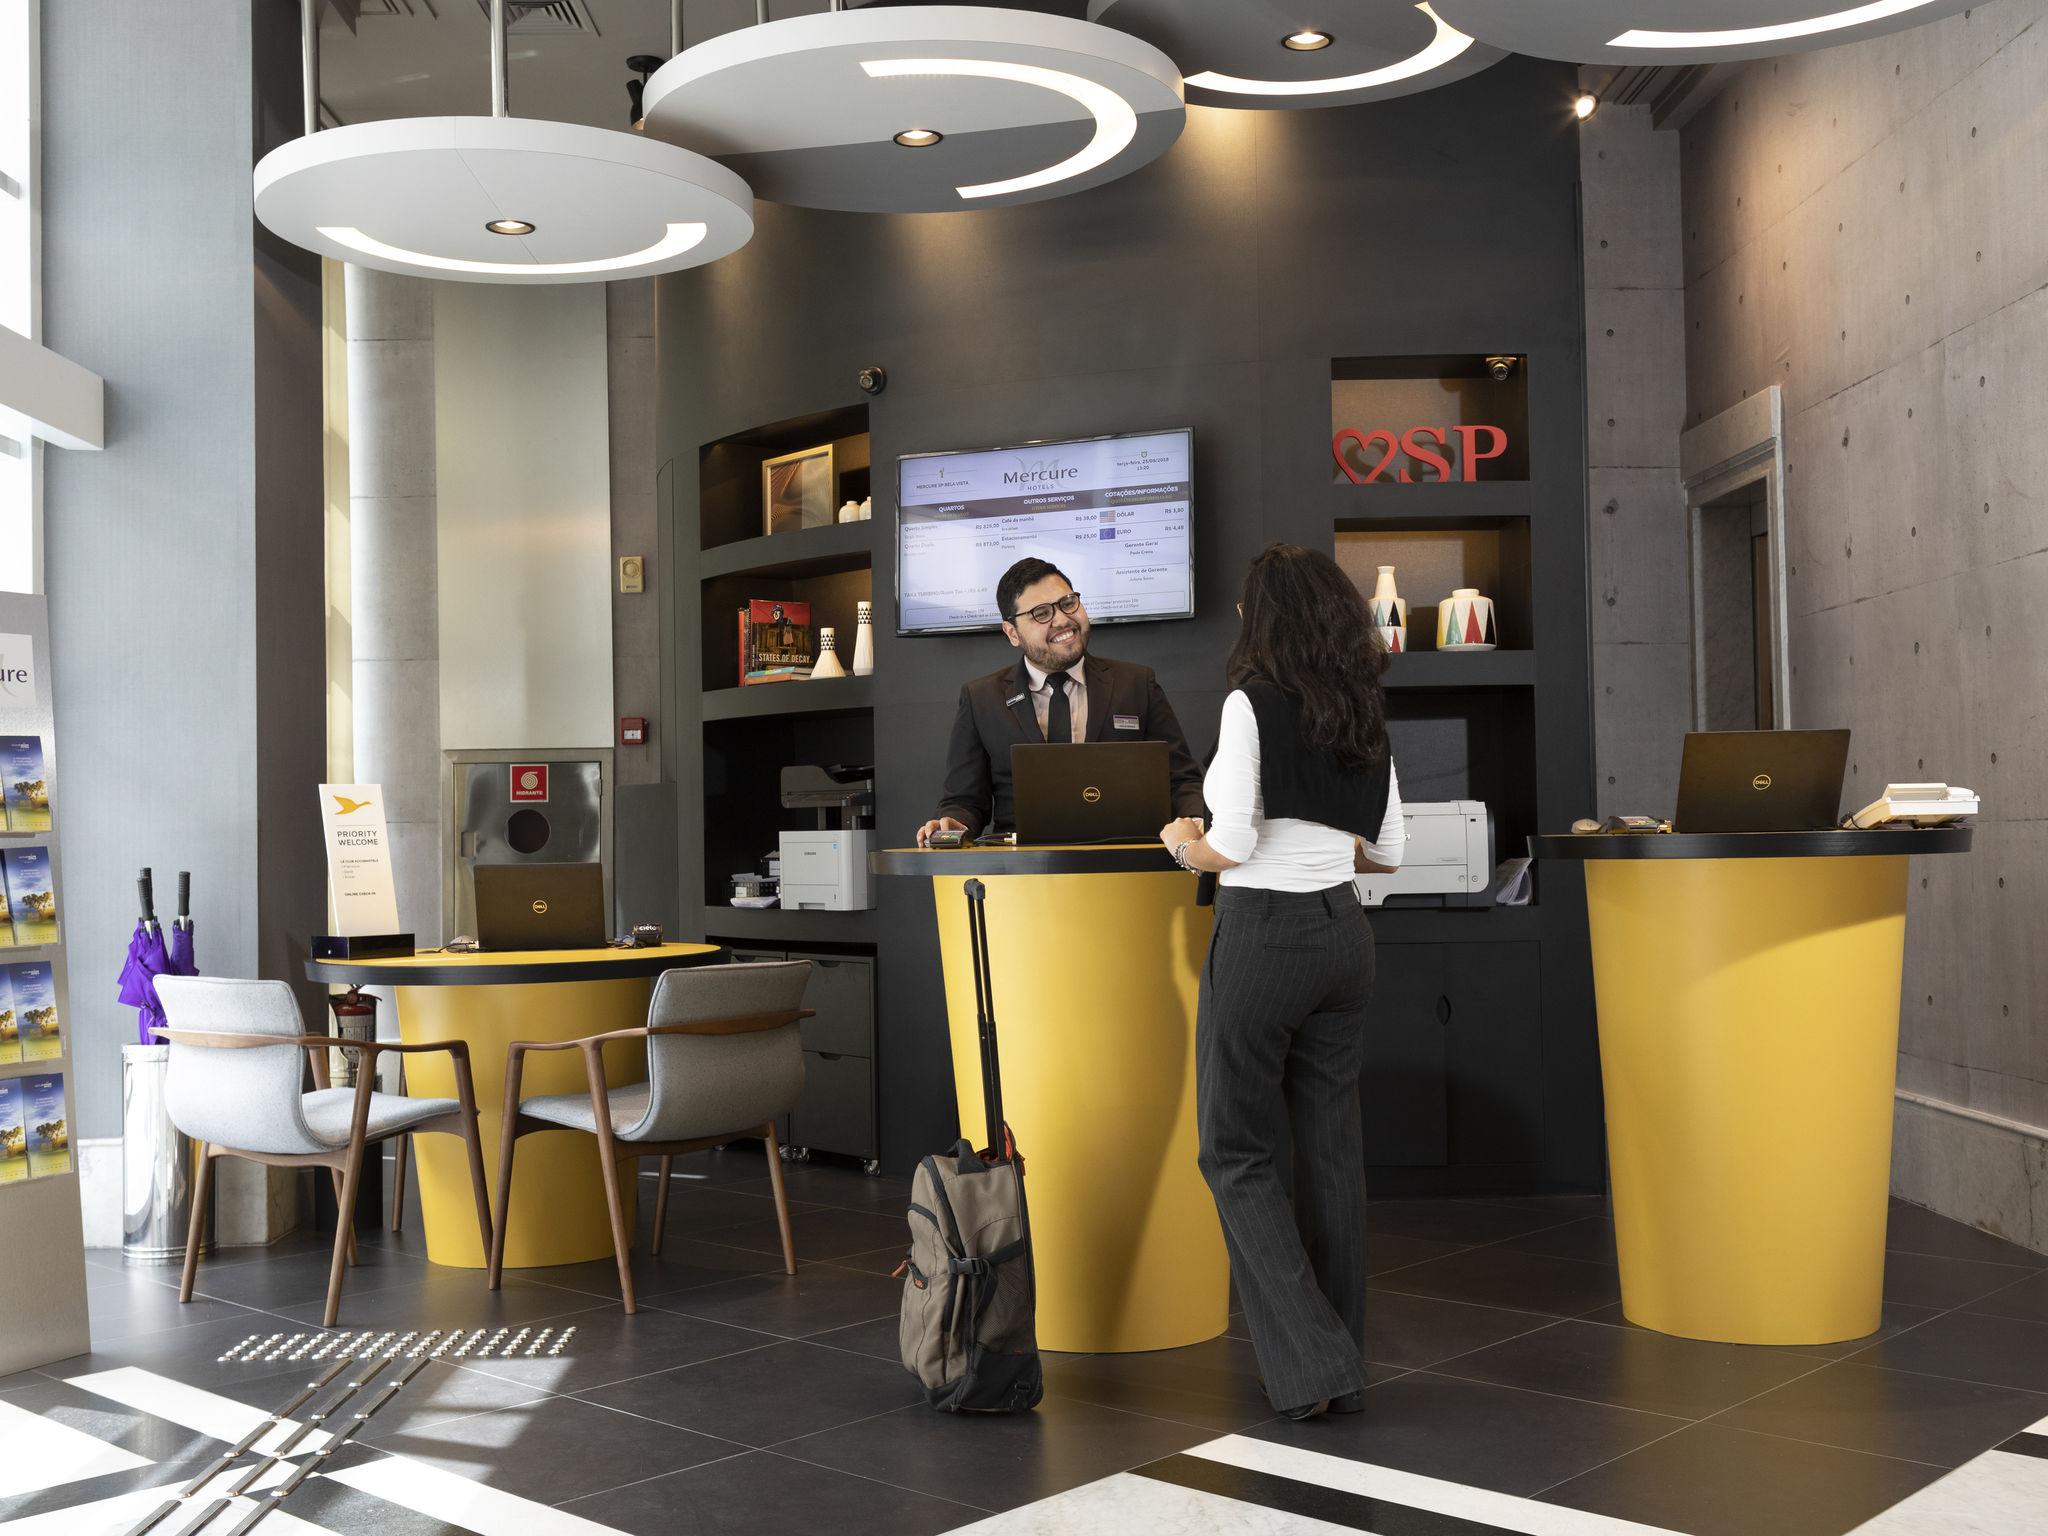 ホテル – メルキュール サンパウロ ベラ ビスタ ホテル